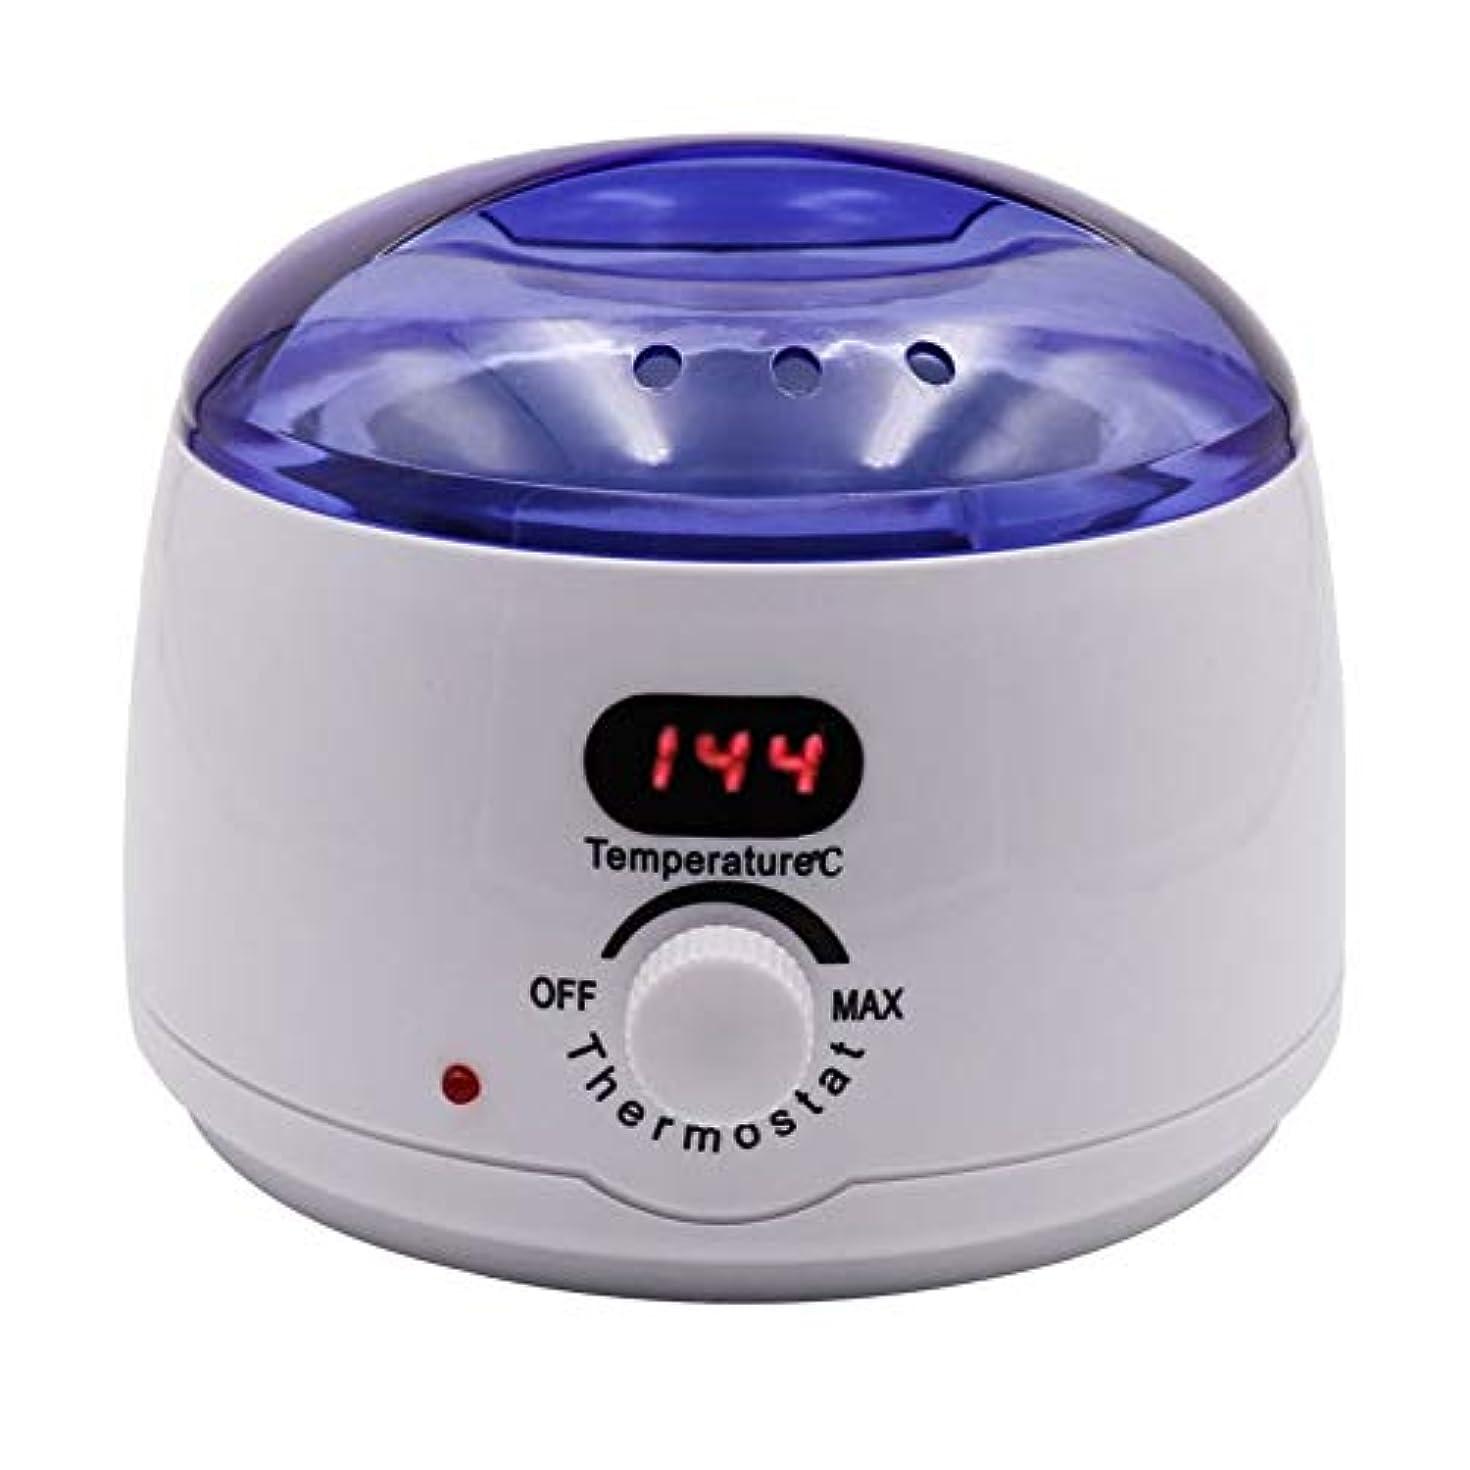 レーザ割合ロッド脱毛、デジタル表示温度メルティングワックスポットインテリジェント加熱多機能ホームワックスマシン女性/男性500CCのための専門の電気ワックスウォーマーヒーターメルター